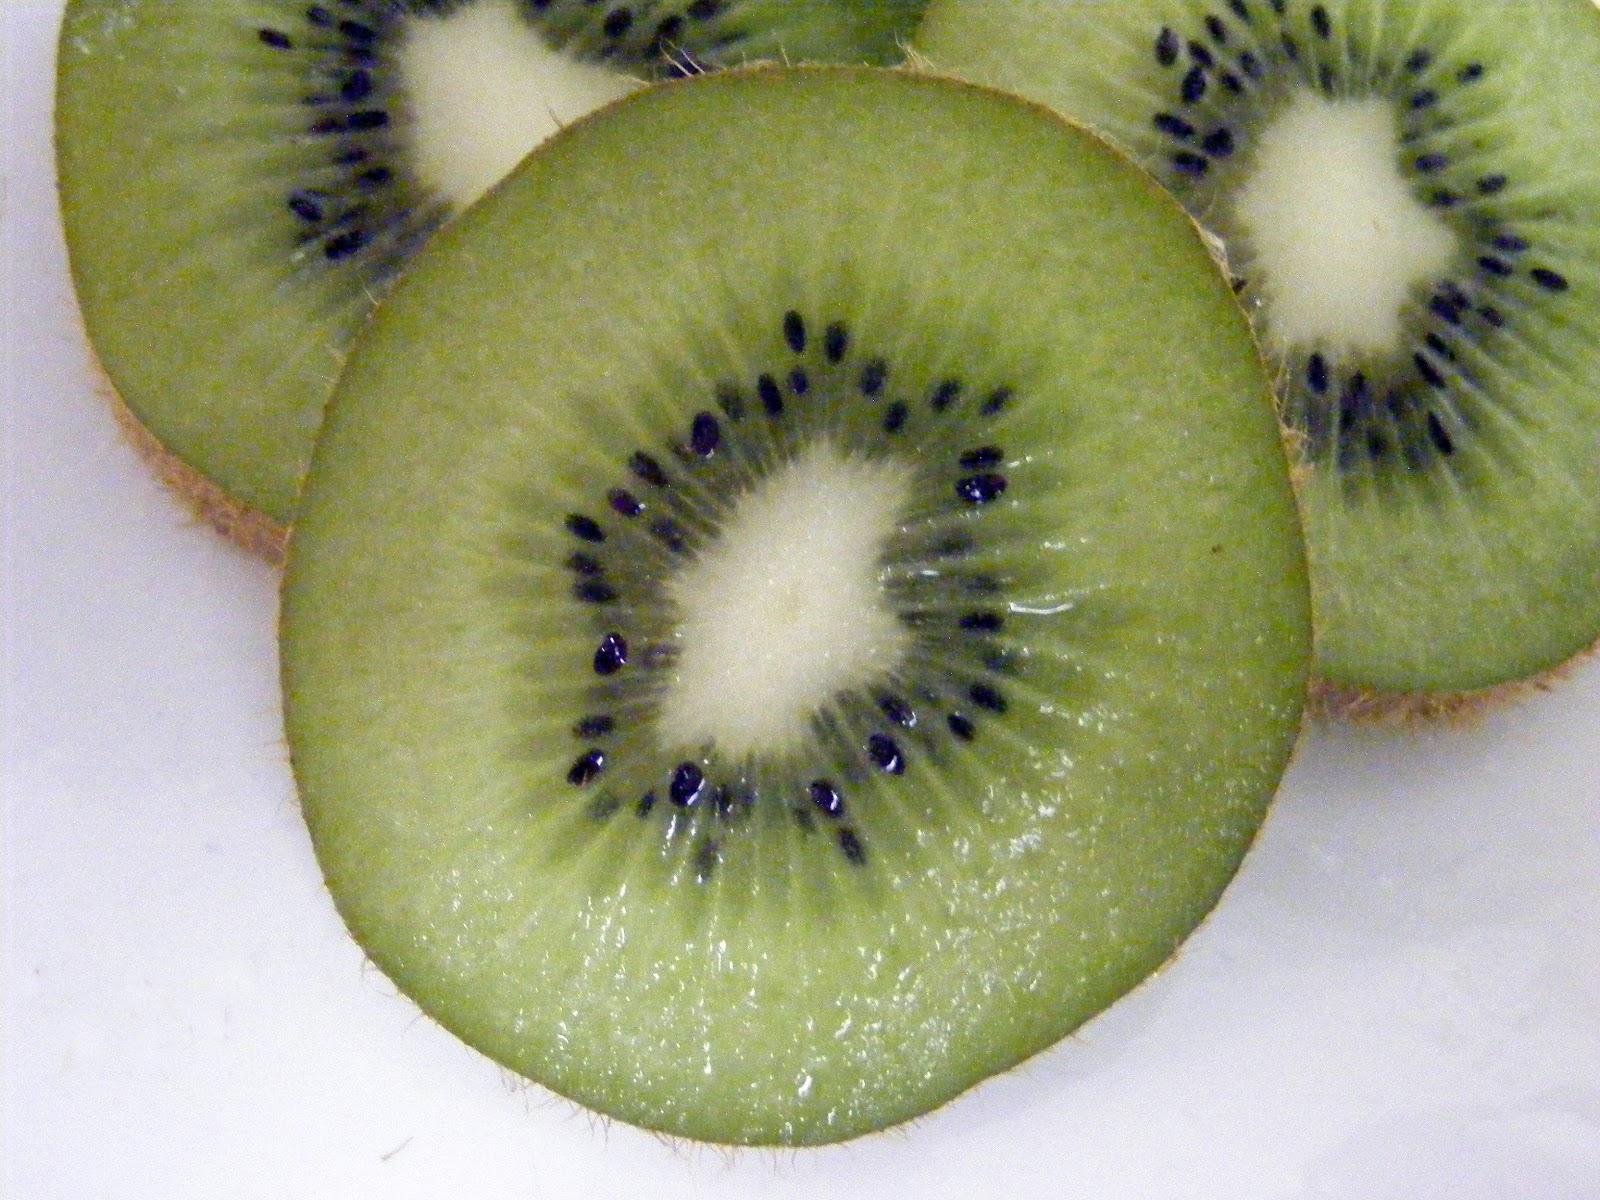 File:Kiwifruit, slice.jpg